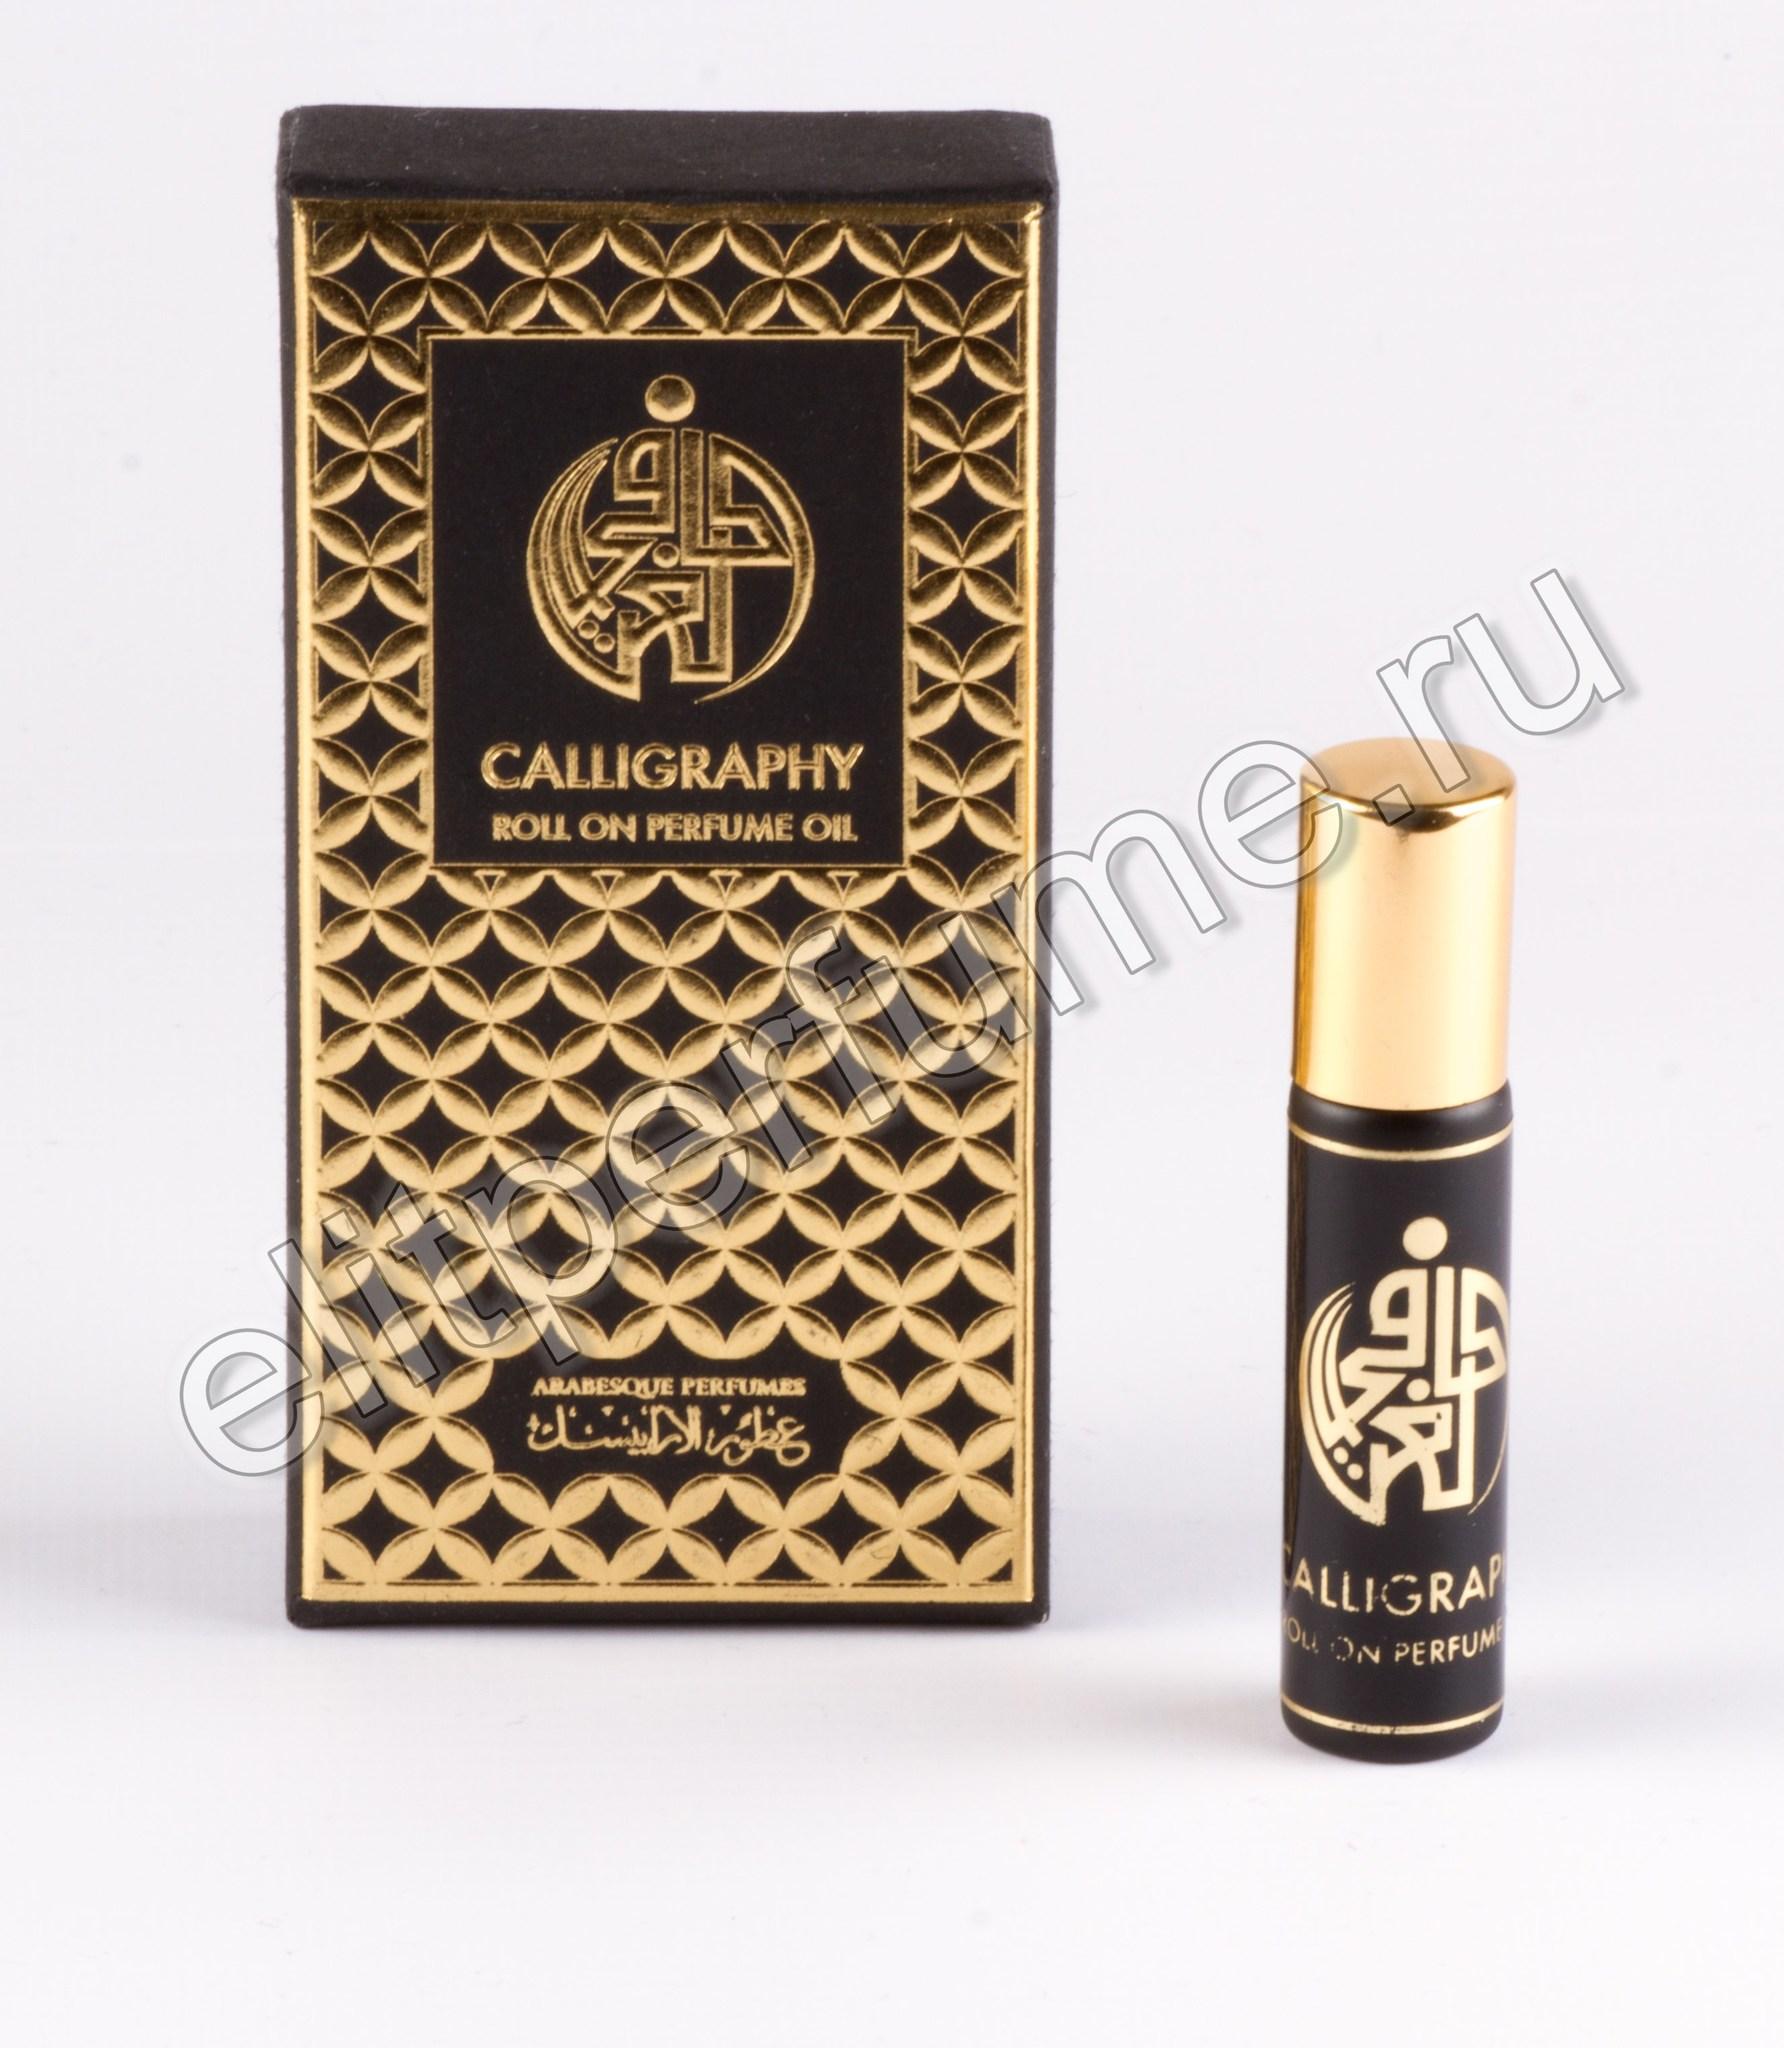 Калиграфия  Calligraphy 7 мл арабские масляные духи от Арабеск Парфюм Arabesque Perfumes